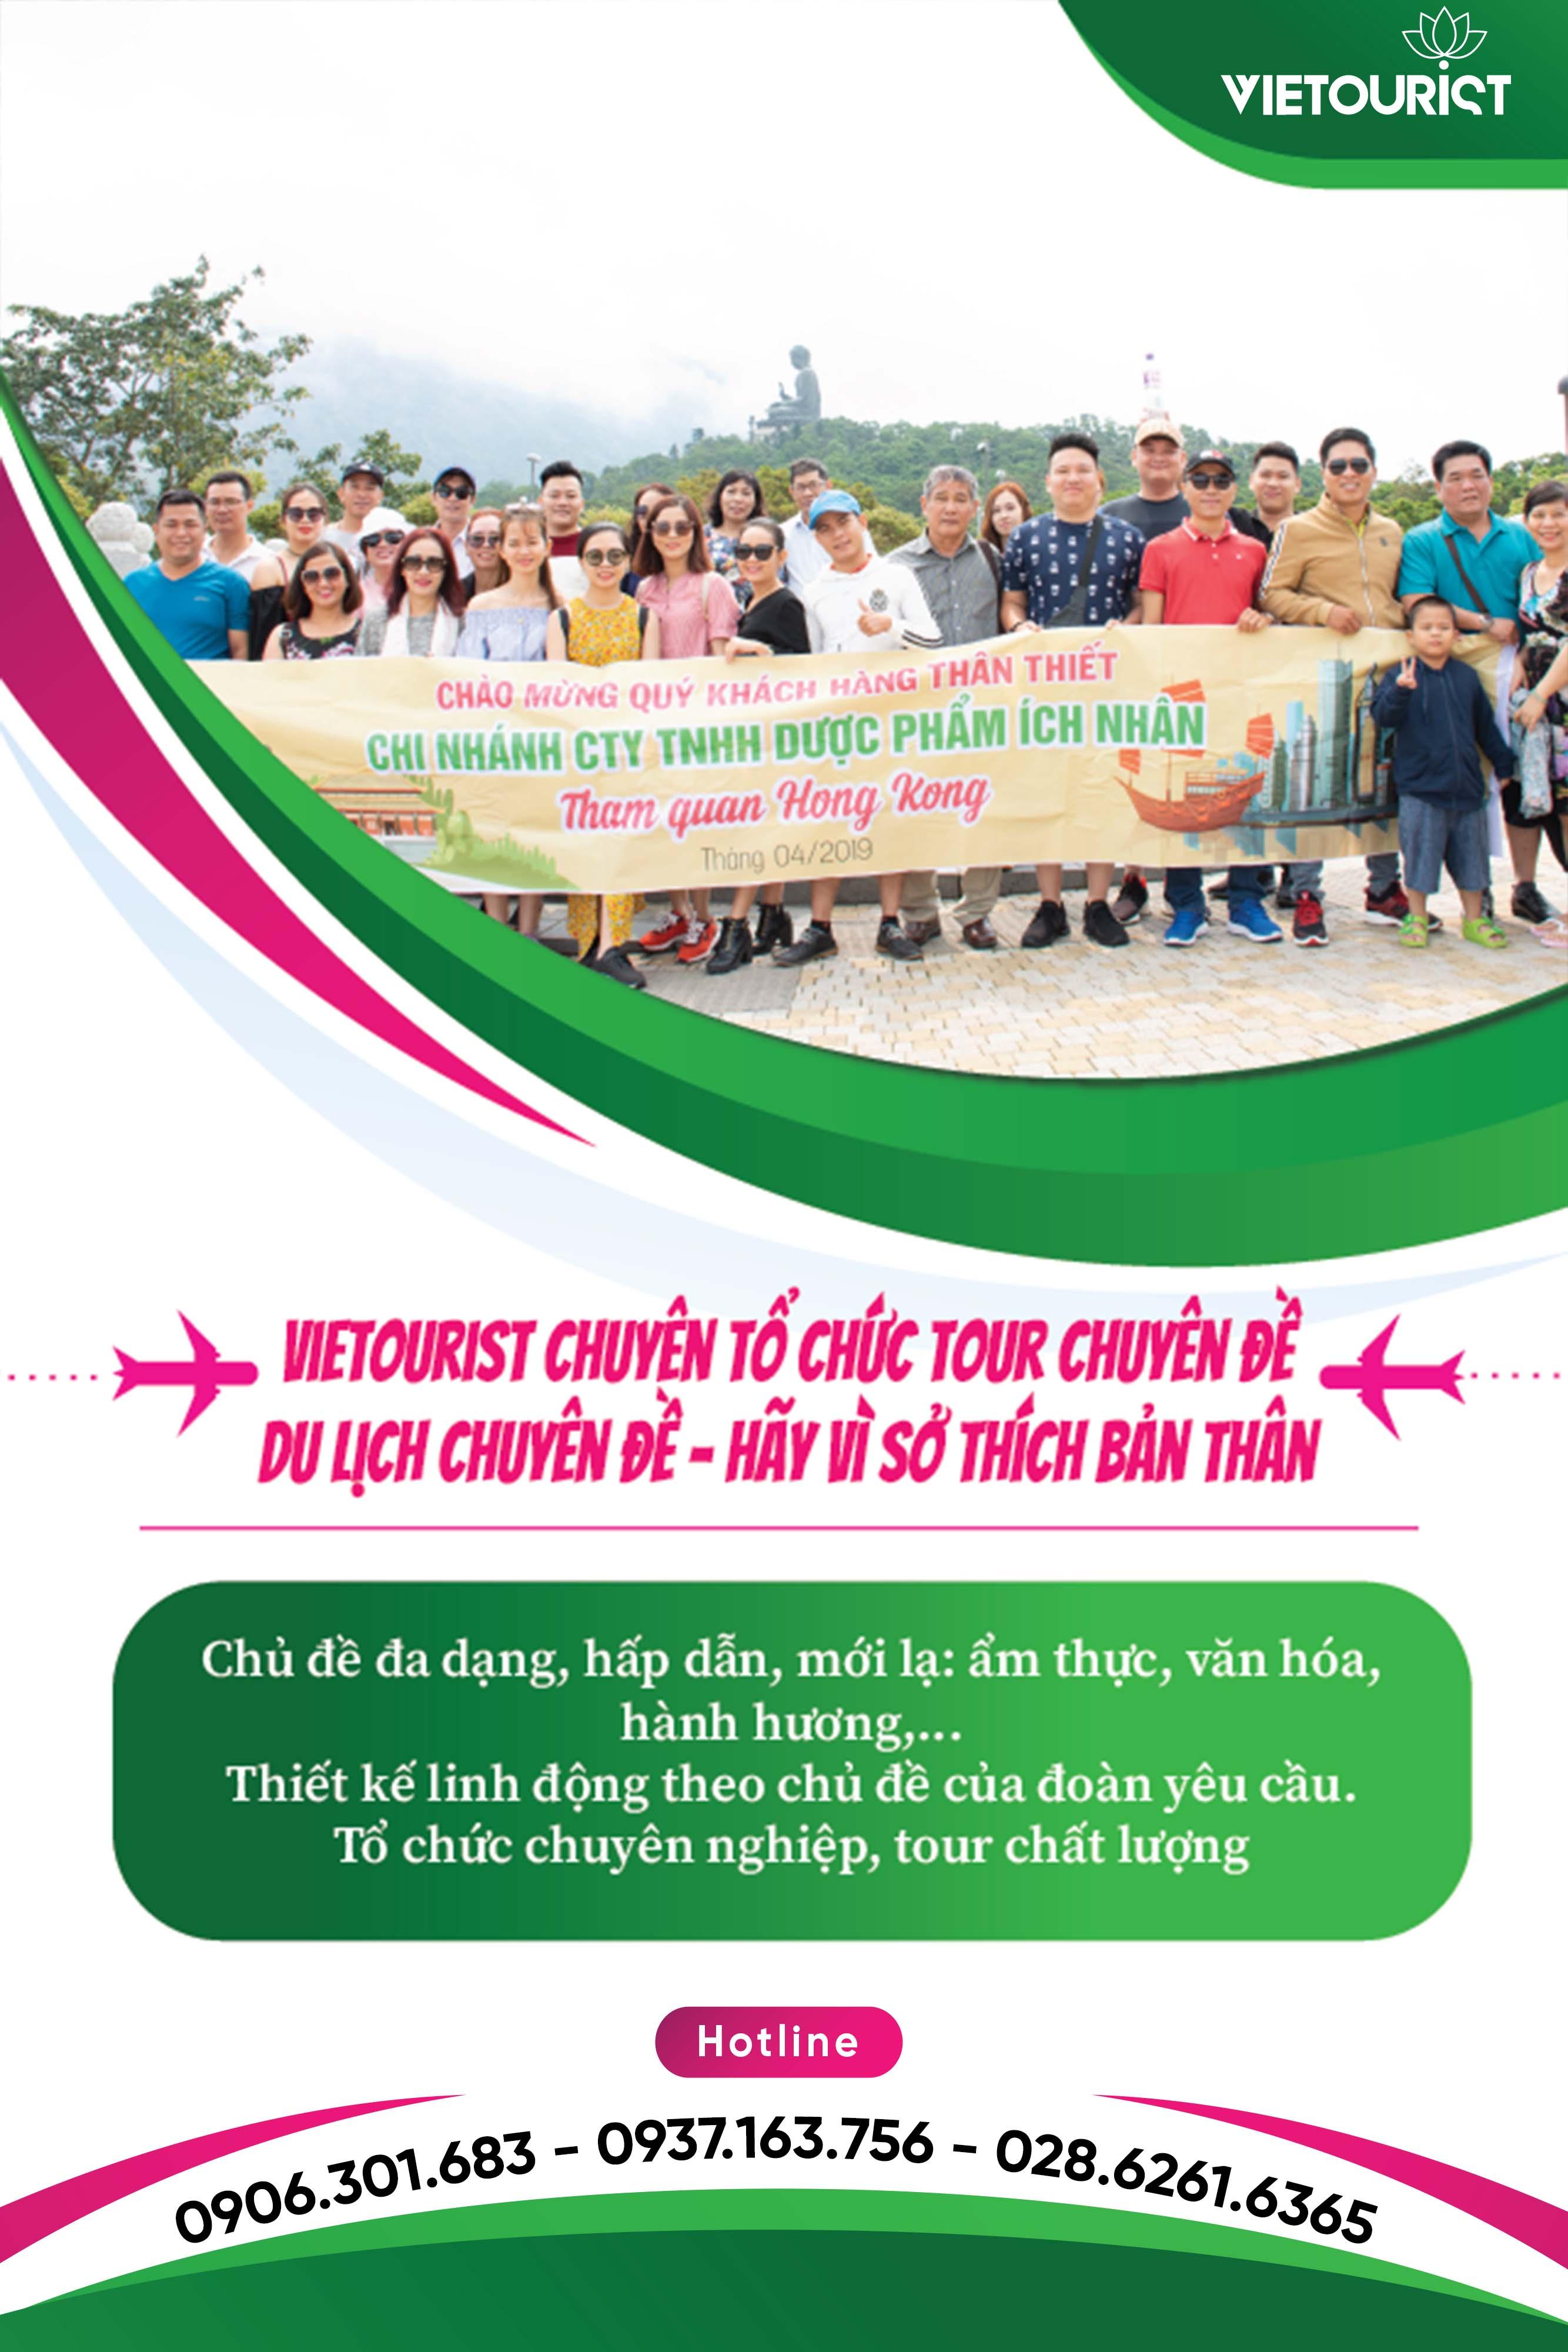 Vietourist tổ chức tour du lịch chuyên đề theo yêu cầu